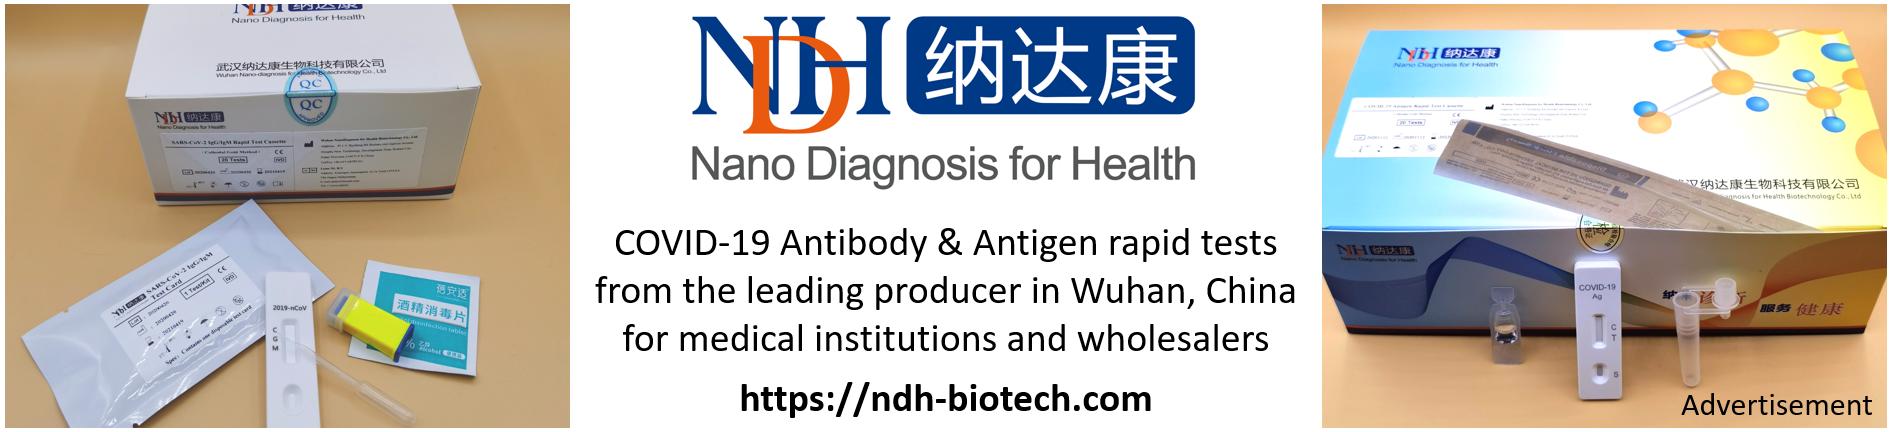 NDH-BioTech-Ad